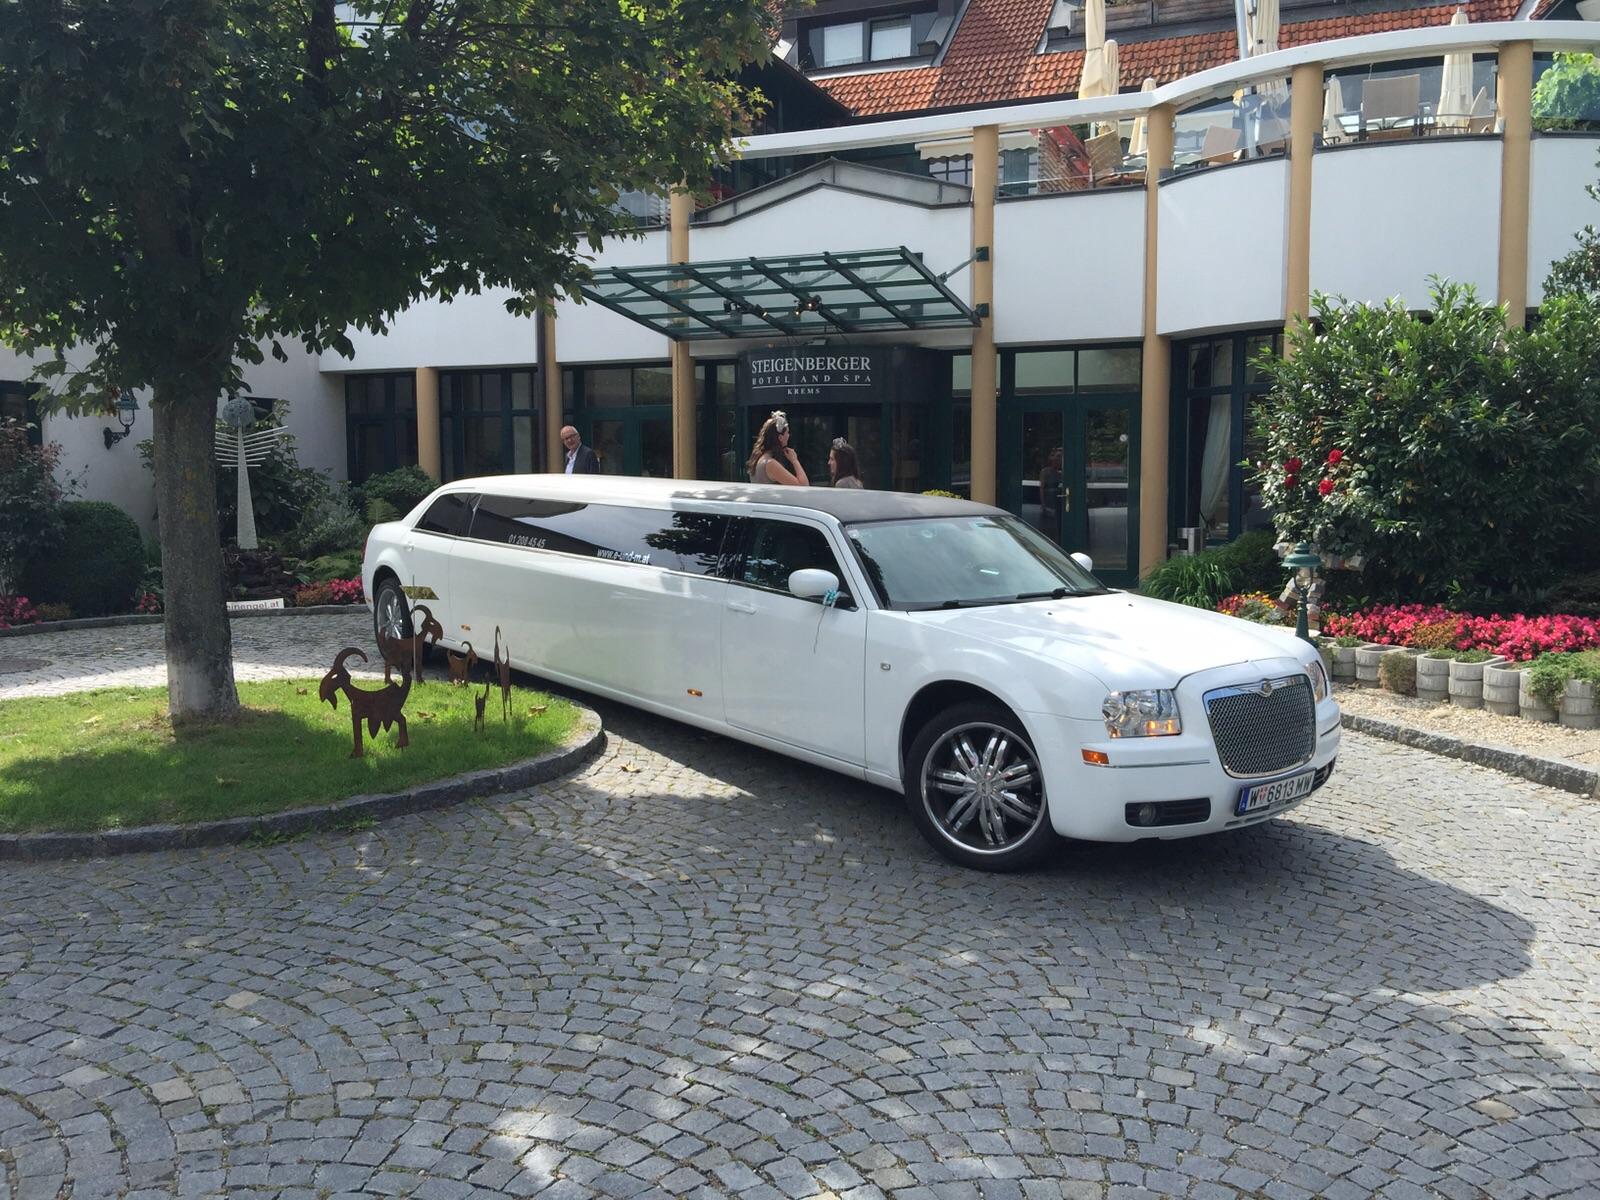 Stretchlimousinen Wien mieten, hummer limousine